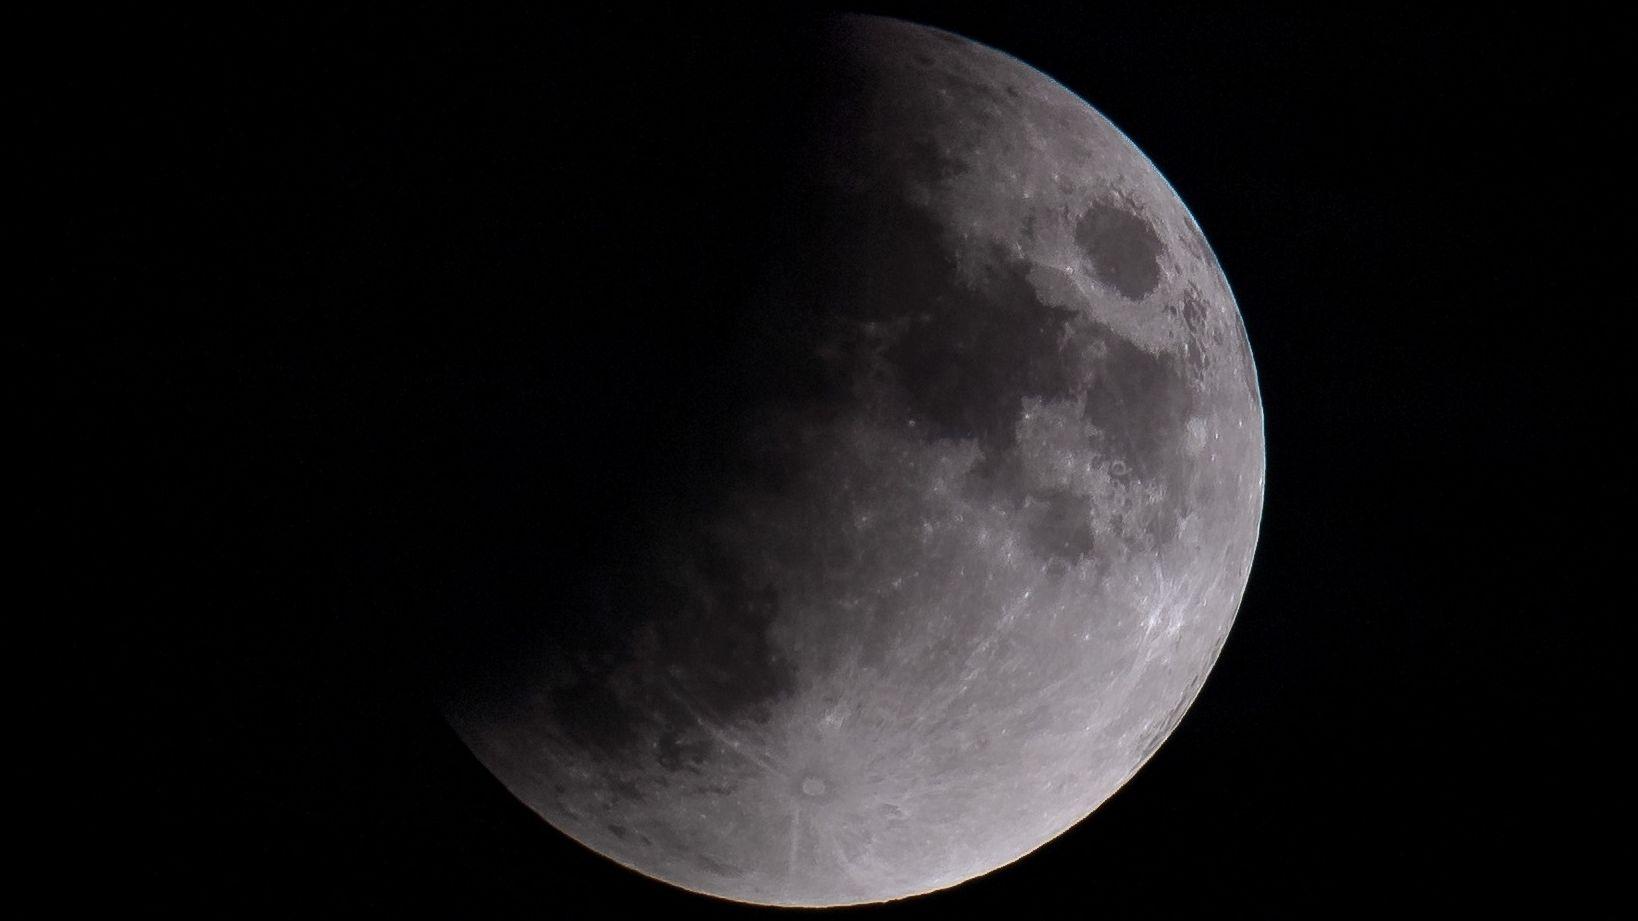 München: Der Mond ist während einer partiellen Mondfinsternis zu sehen.